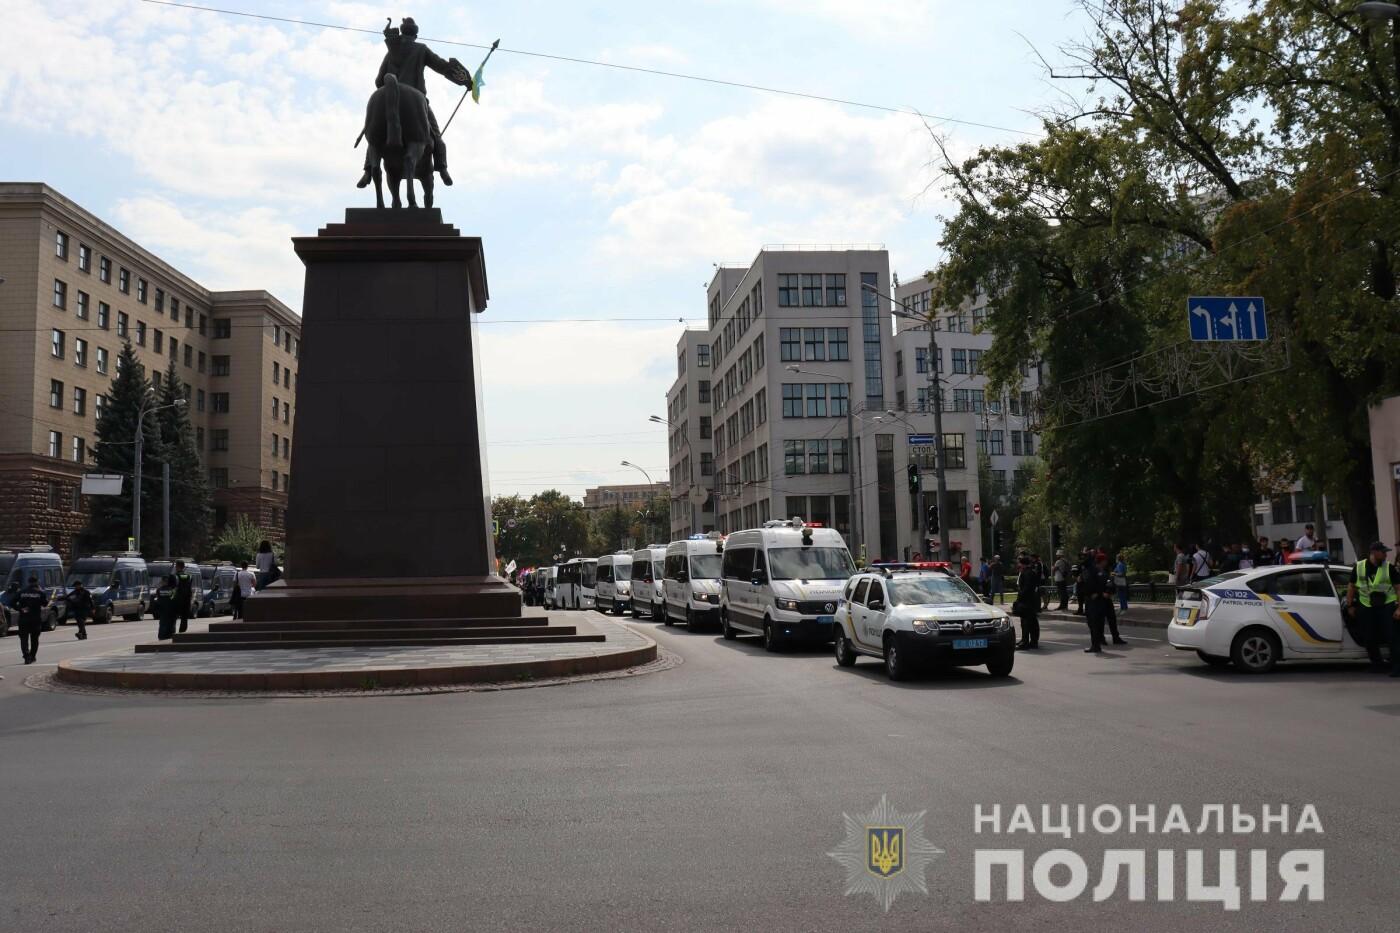 ЛГБТ-марш в центре Харькова: участников события охраняли более 1,2 тысячи силовиков с 40 единицами спецтехники, - ФОТО, фото-1